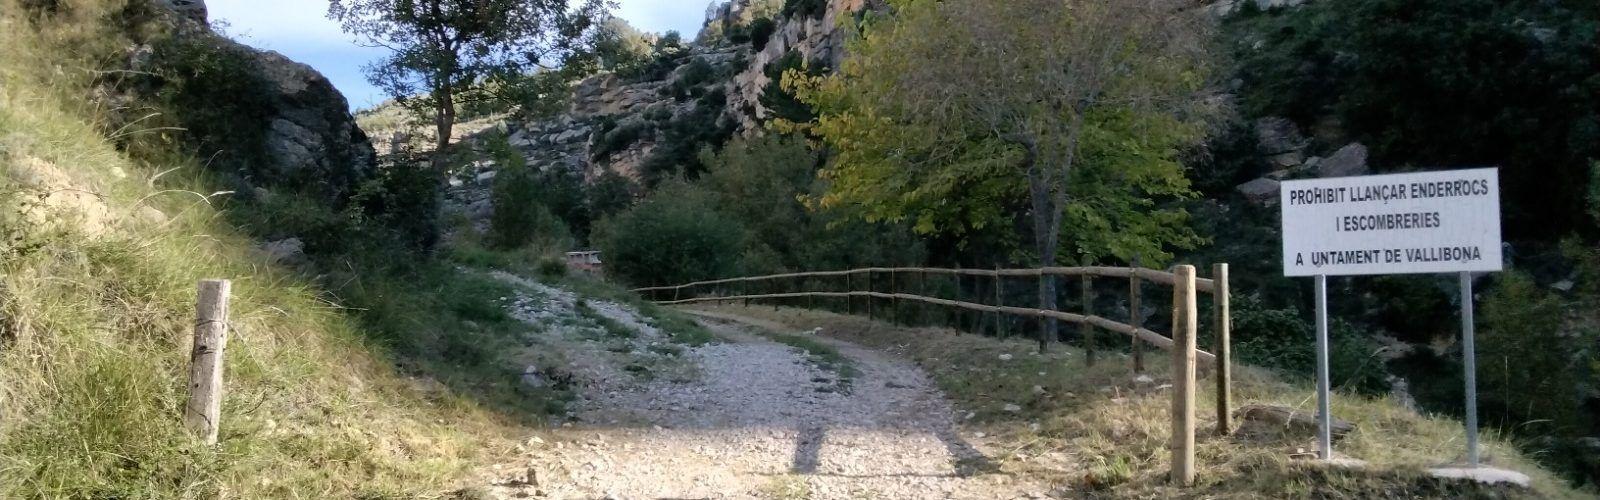 La depuradora de Vallibona compta amb 231.851 euros de pressupost